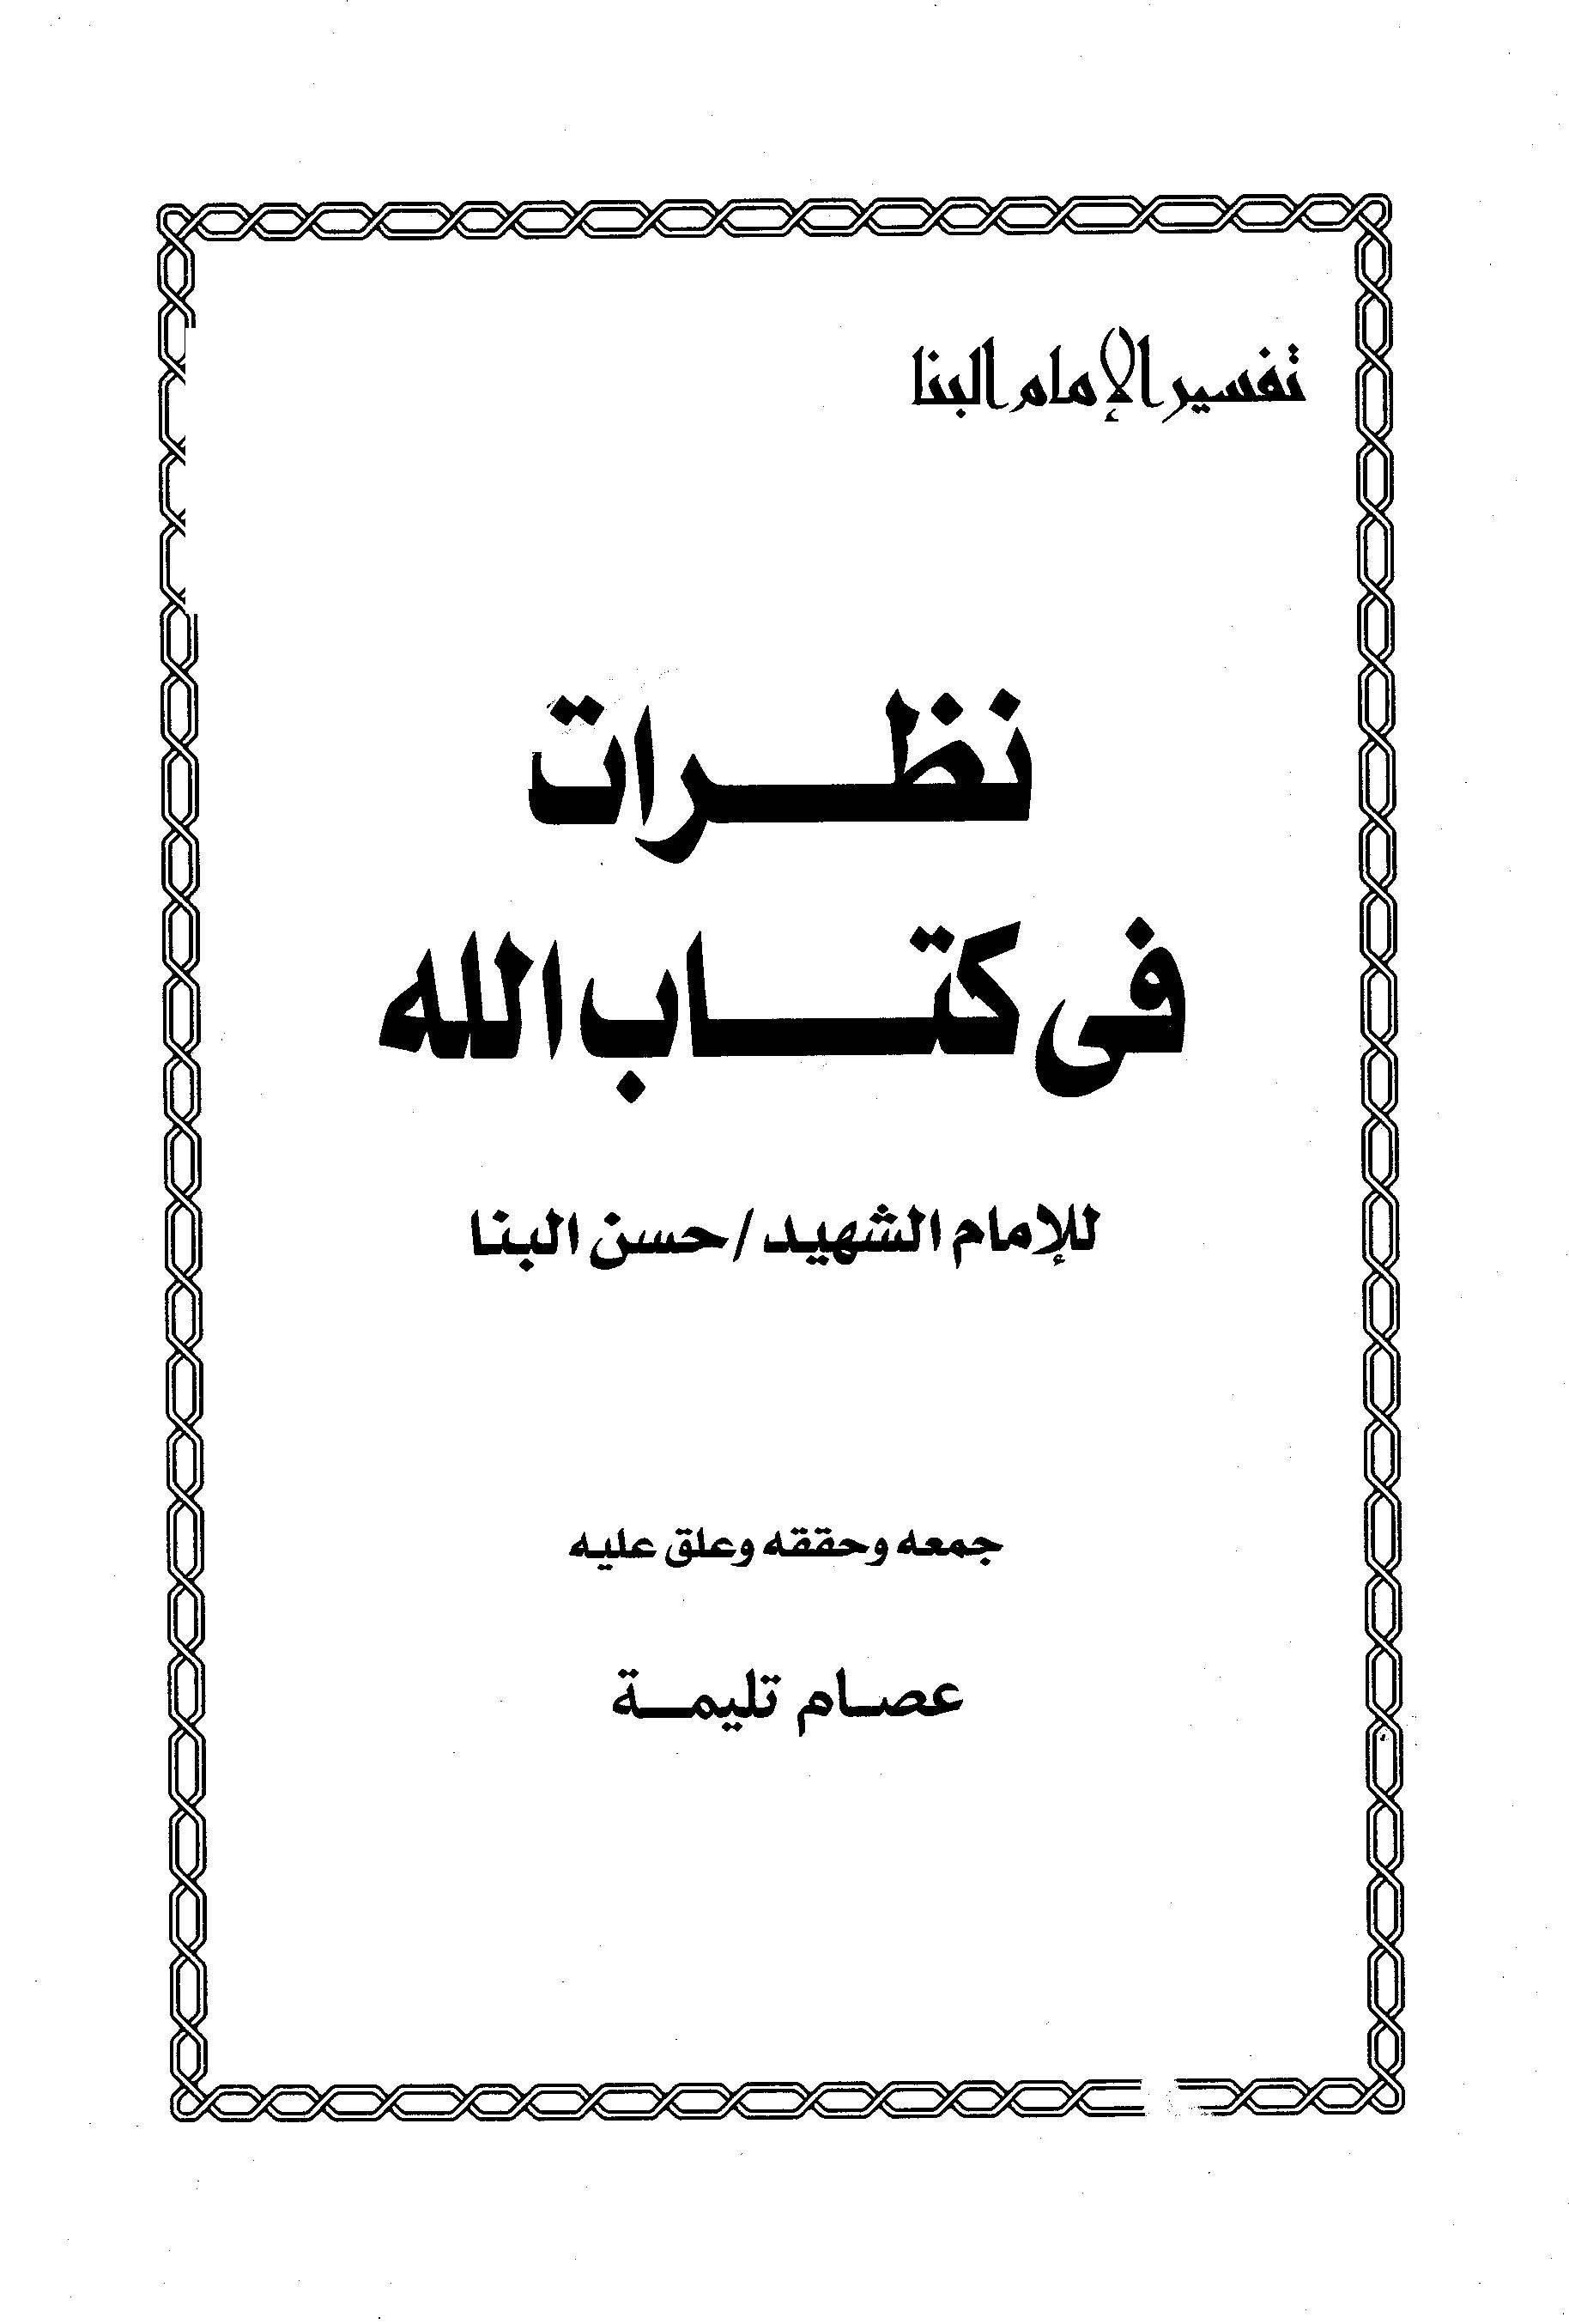 تحميل كتاب تفسير الإمام البنا (نظرات في كتاب الله) لـِ: الشيخ حسن أحمد عبد الرحمن محمد البنا الساعاتي (ت 1368)